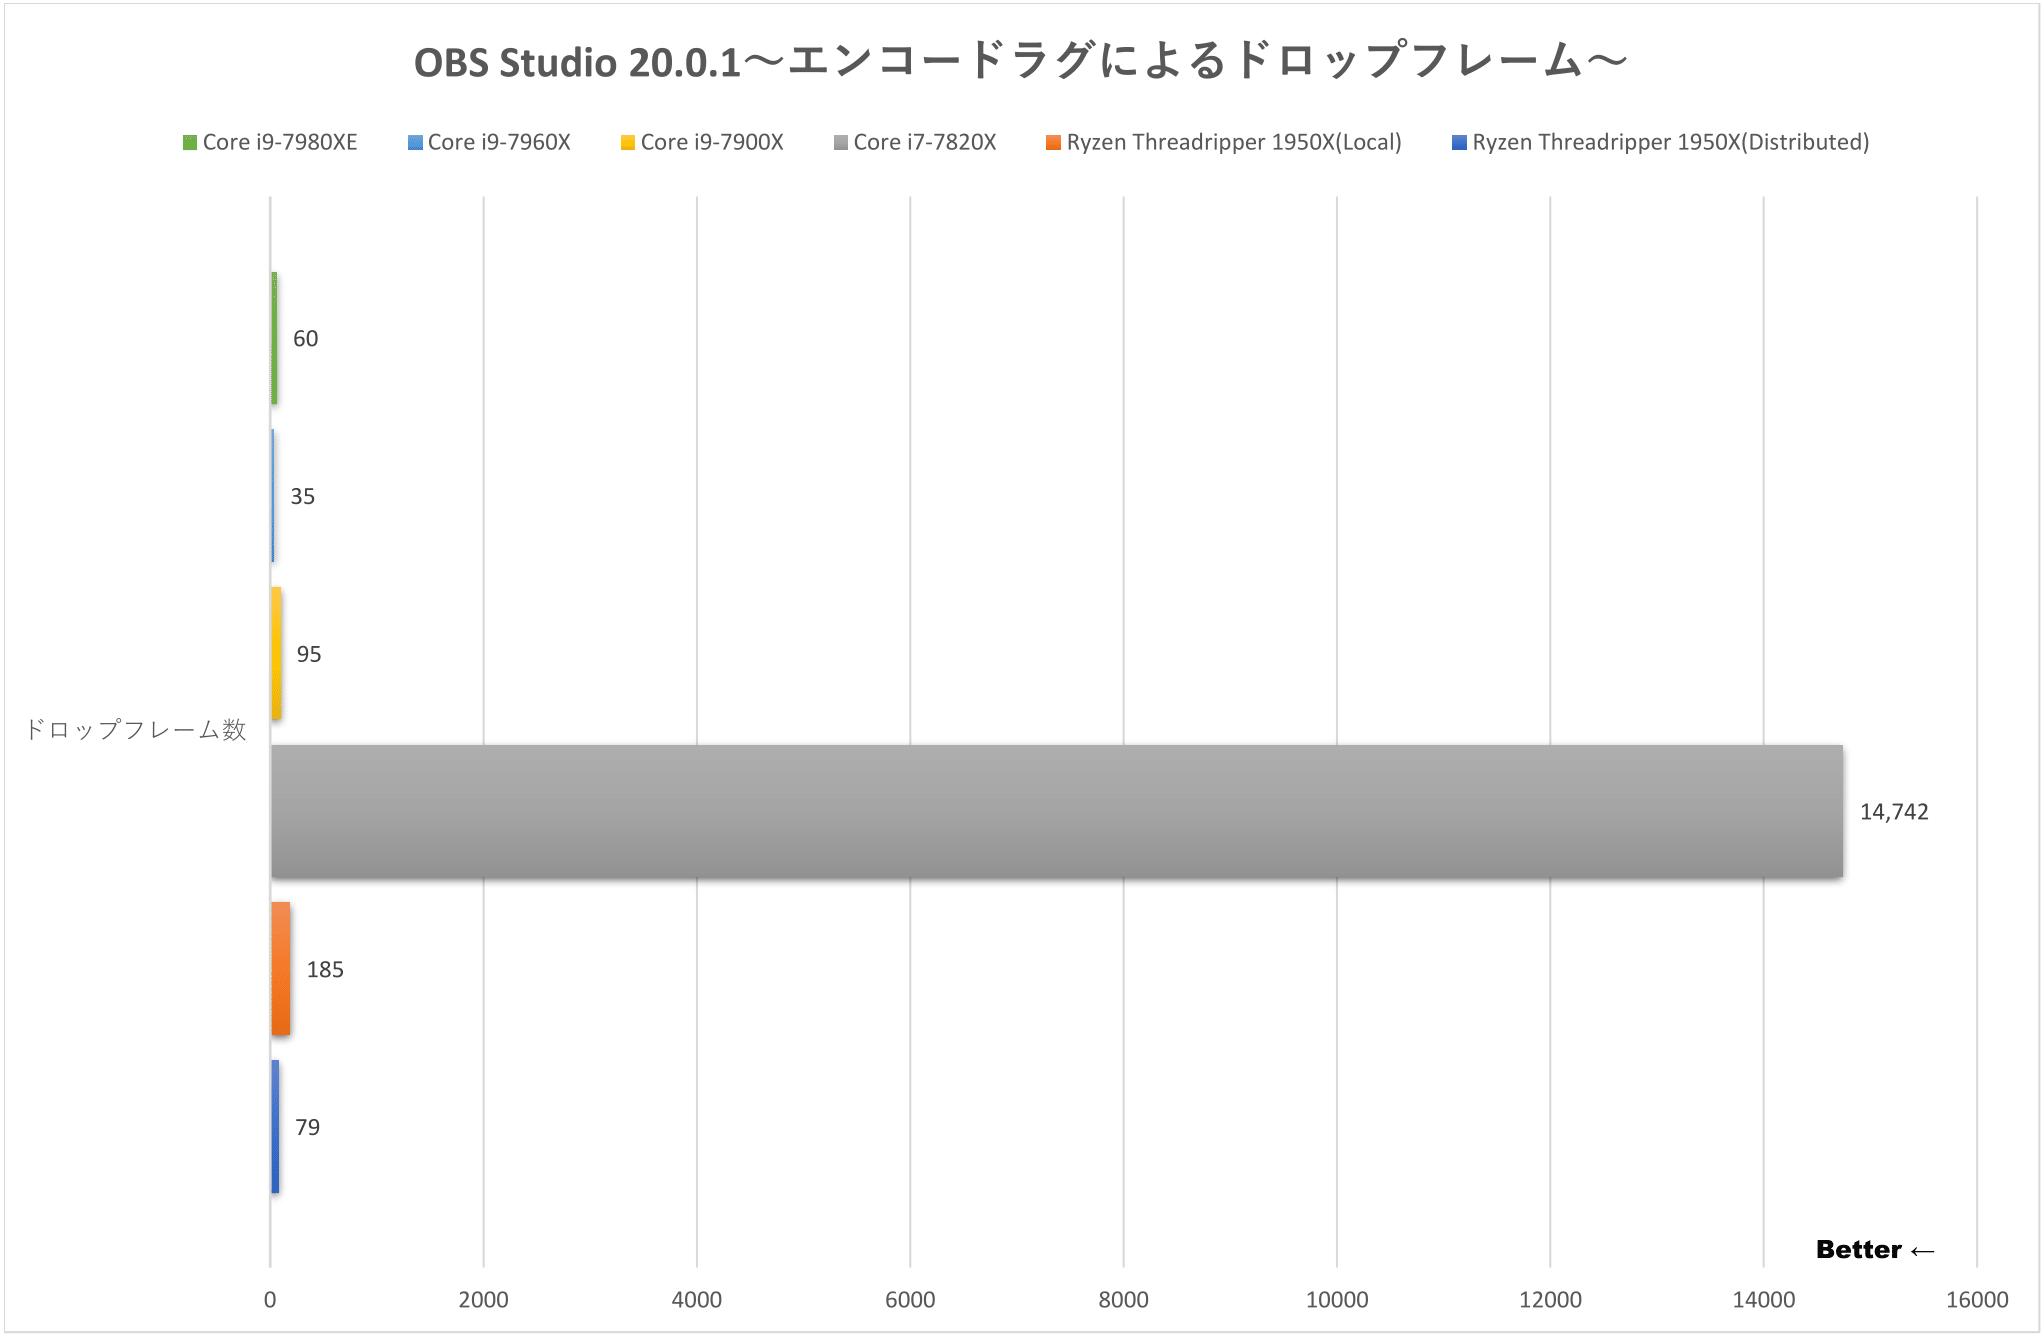 OBS Studio 20.0.1